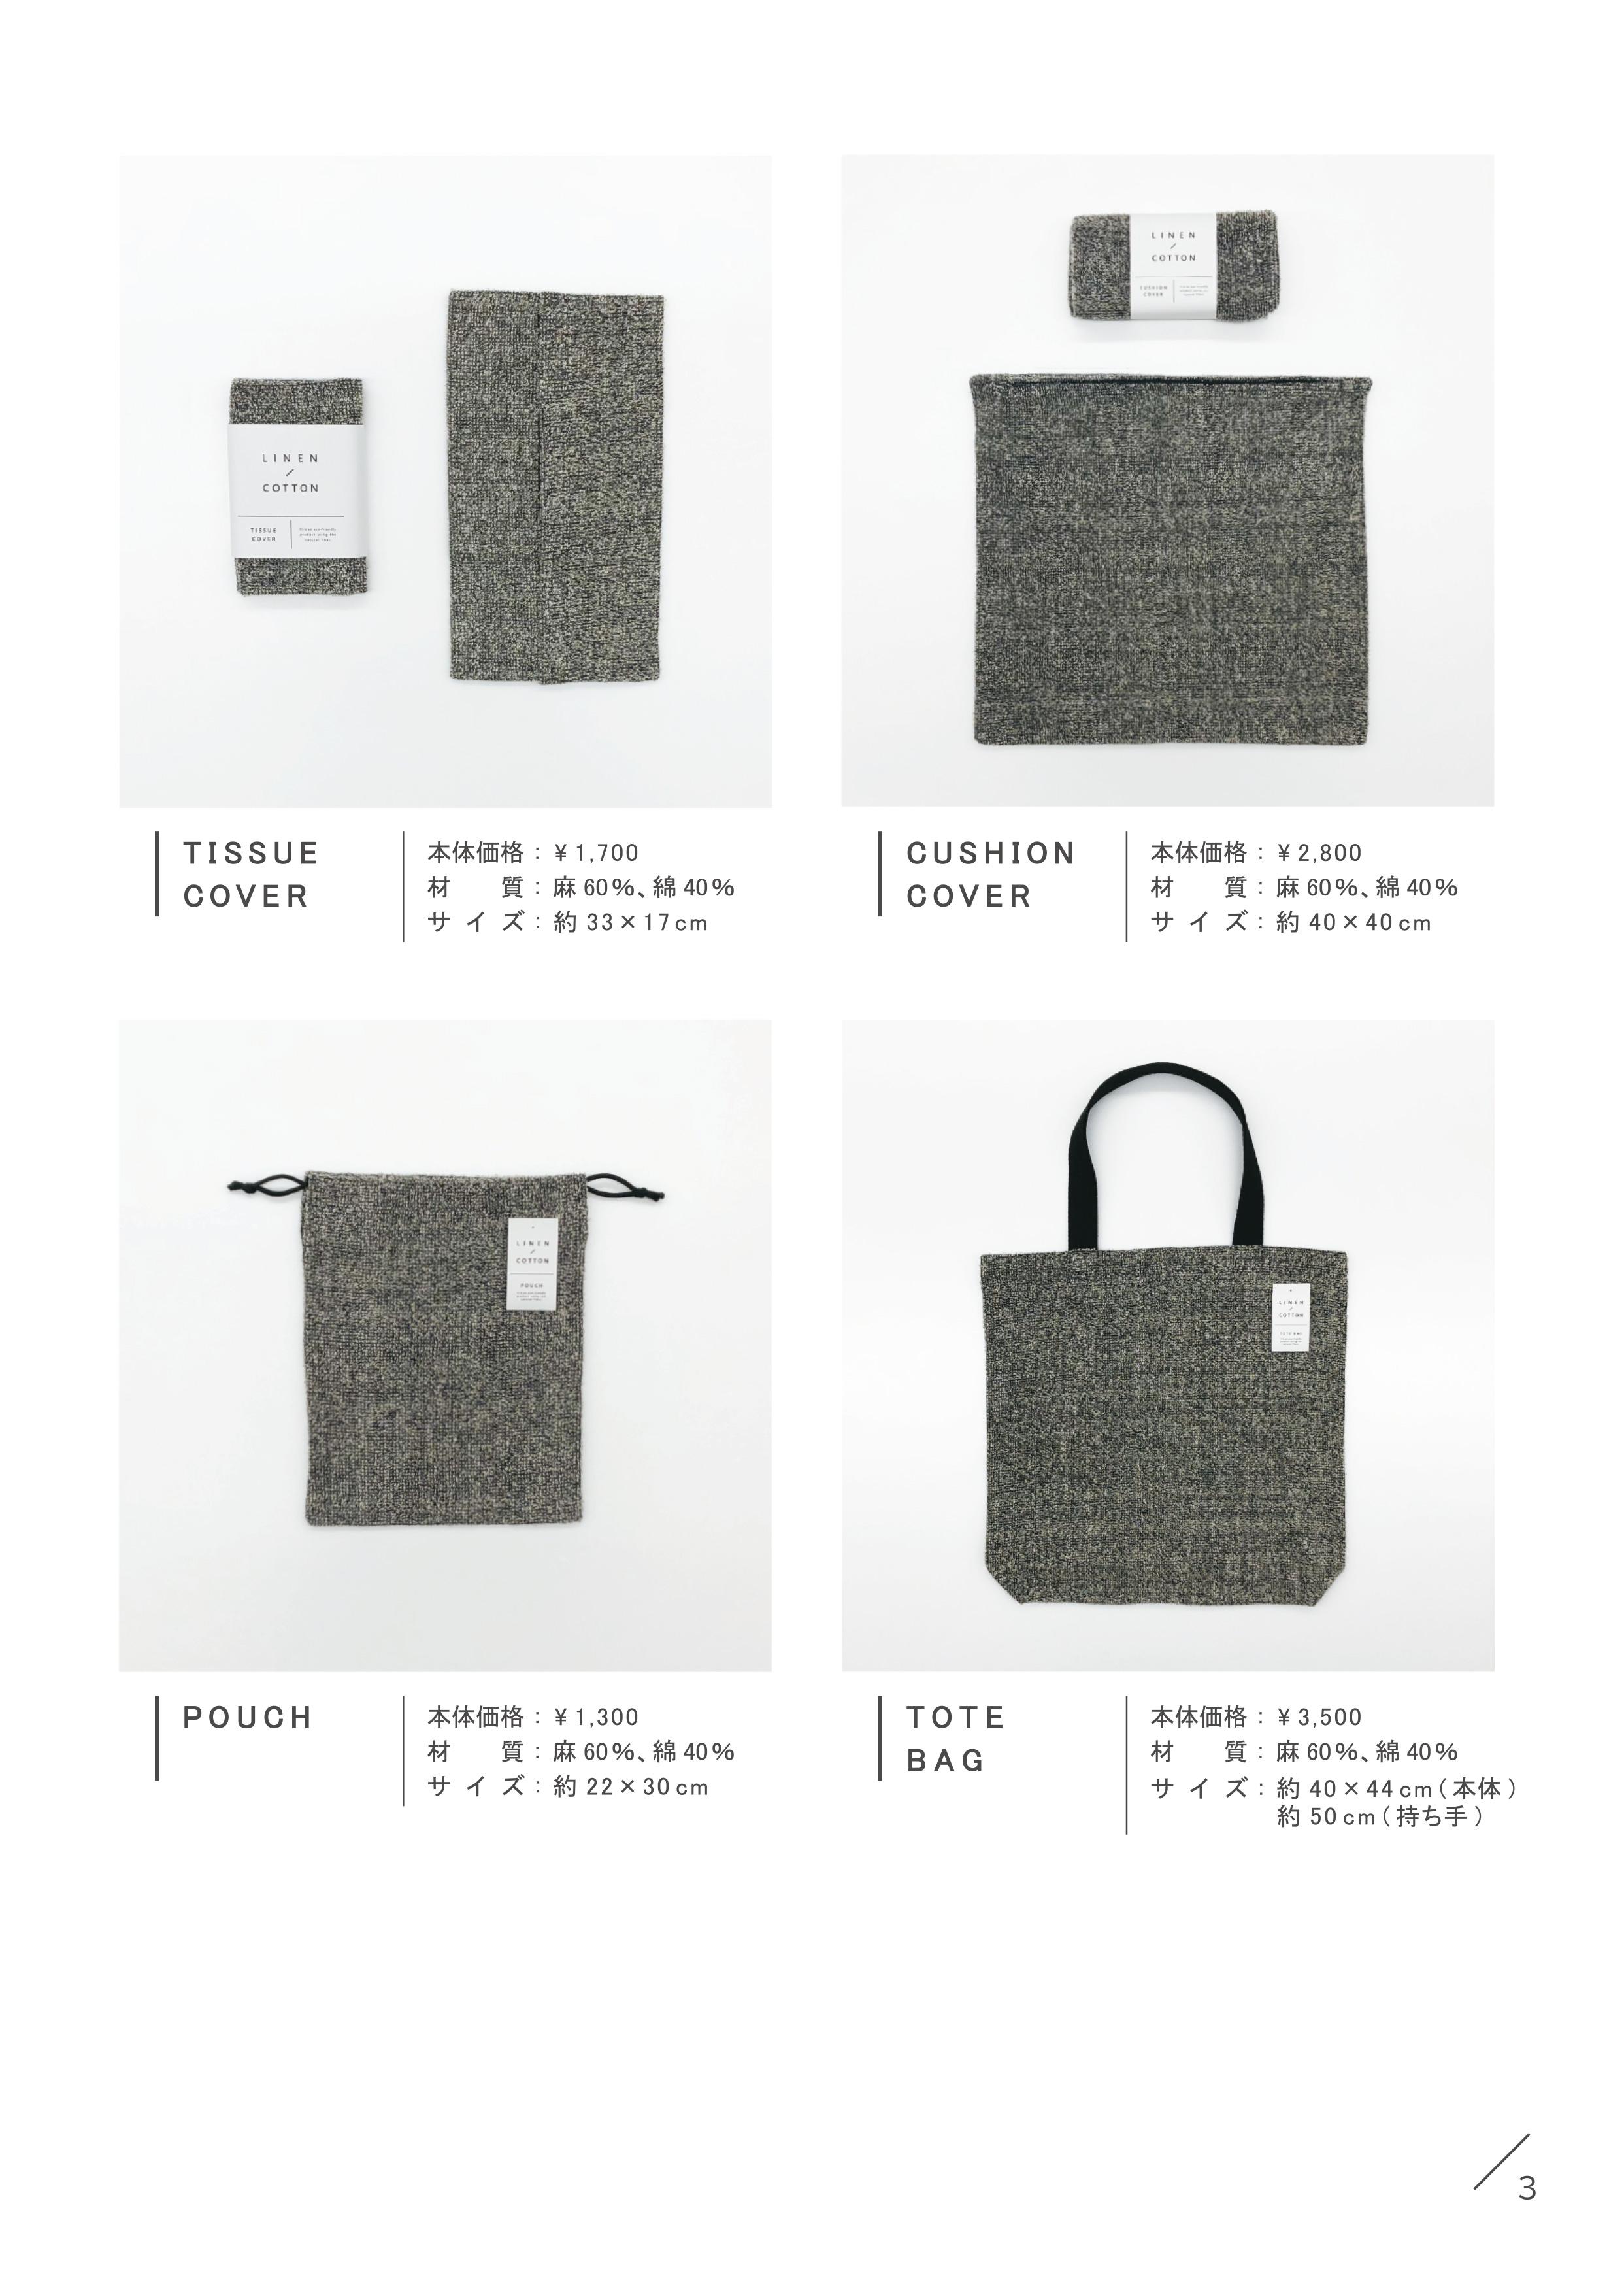 KIYOI LINEN/COTTON(3)